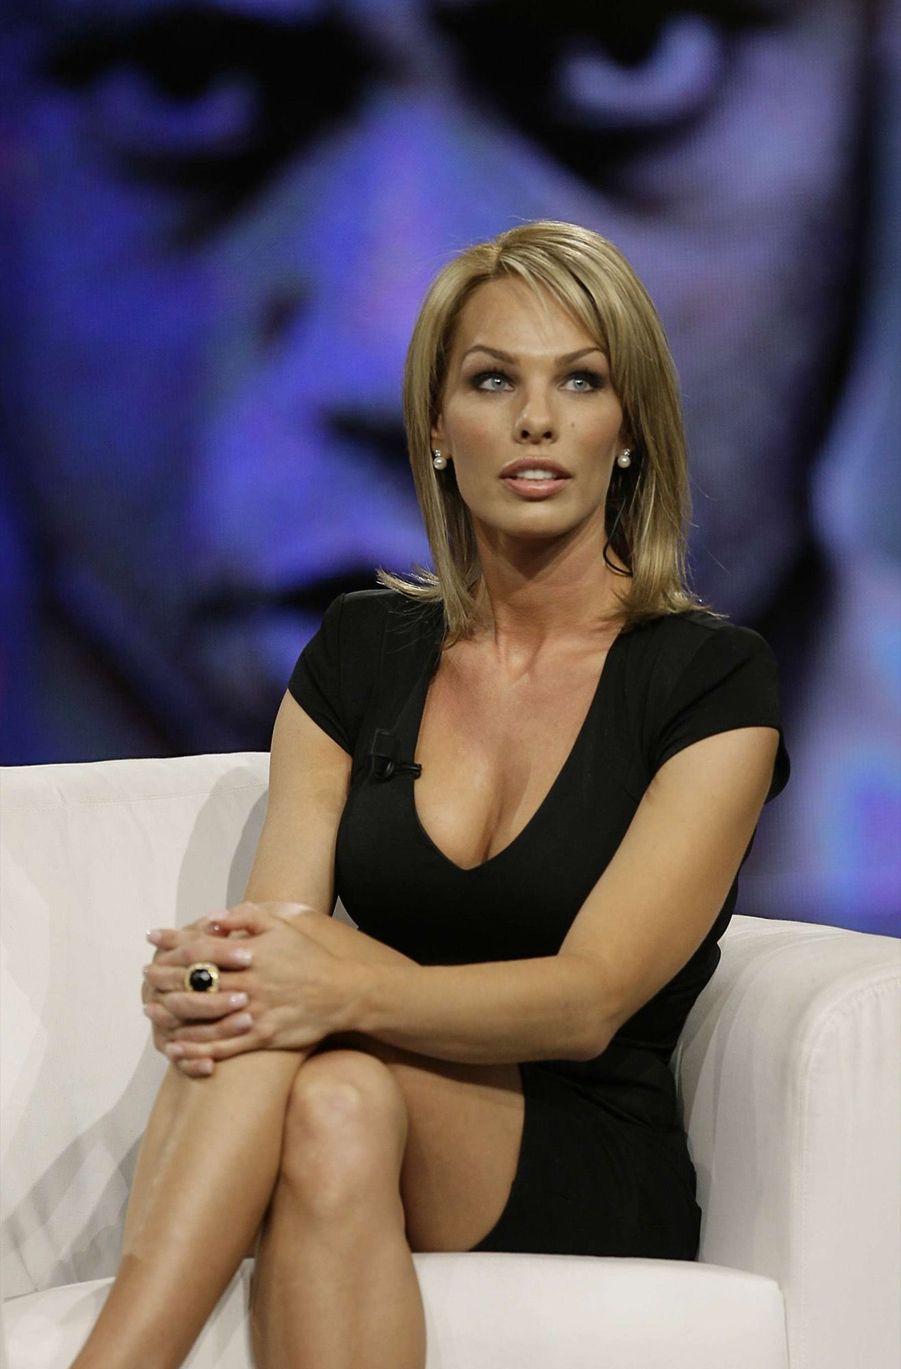 Cori Rist, maitresse présumée de Tiger Woods, en janvier 2010.